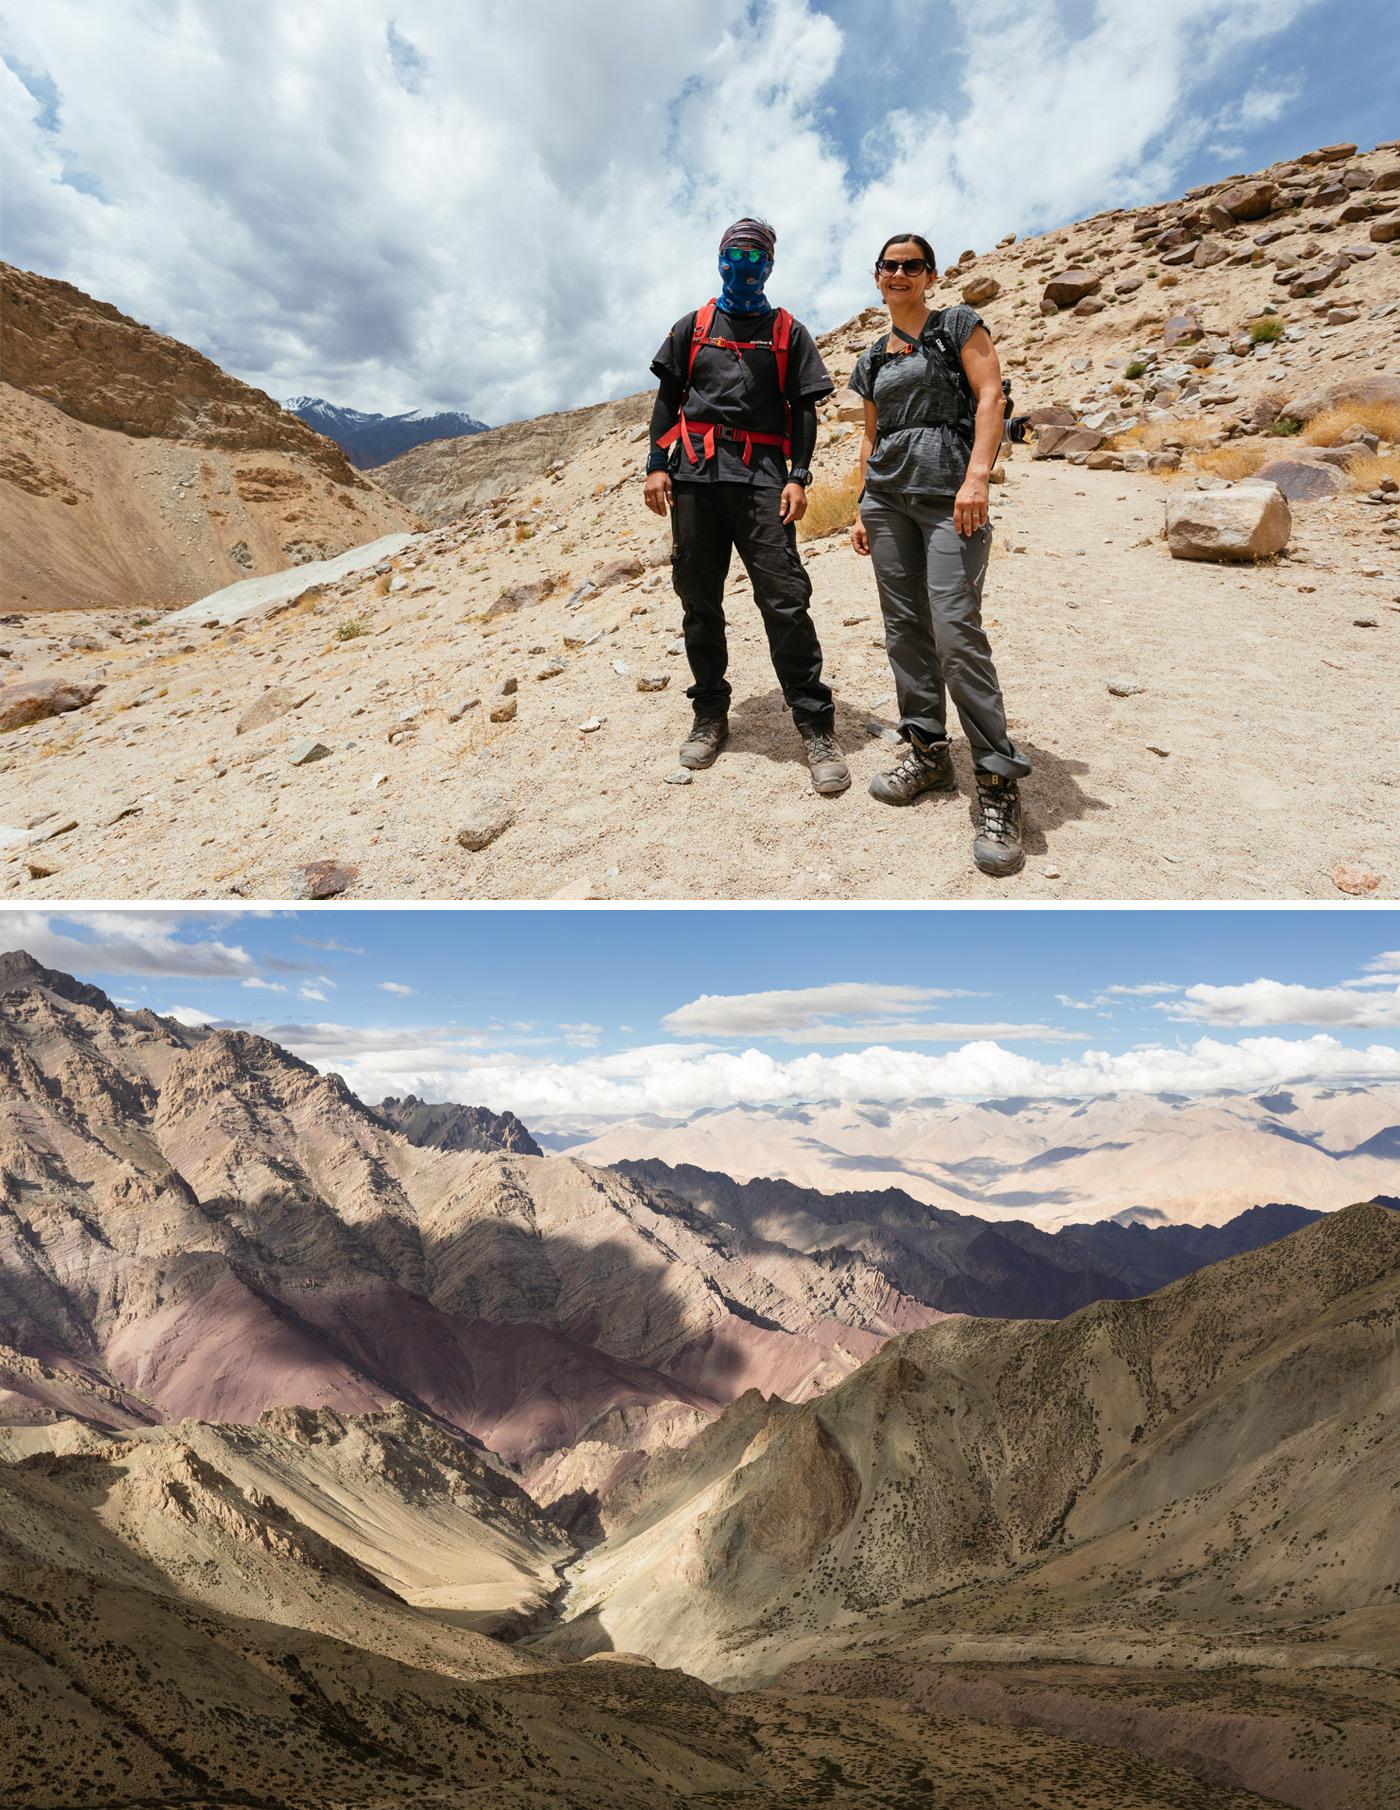 02_ladakh_trek_6573_6881_new.jpg